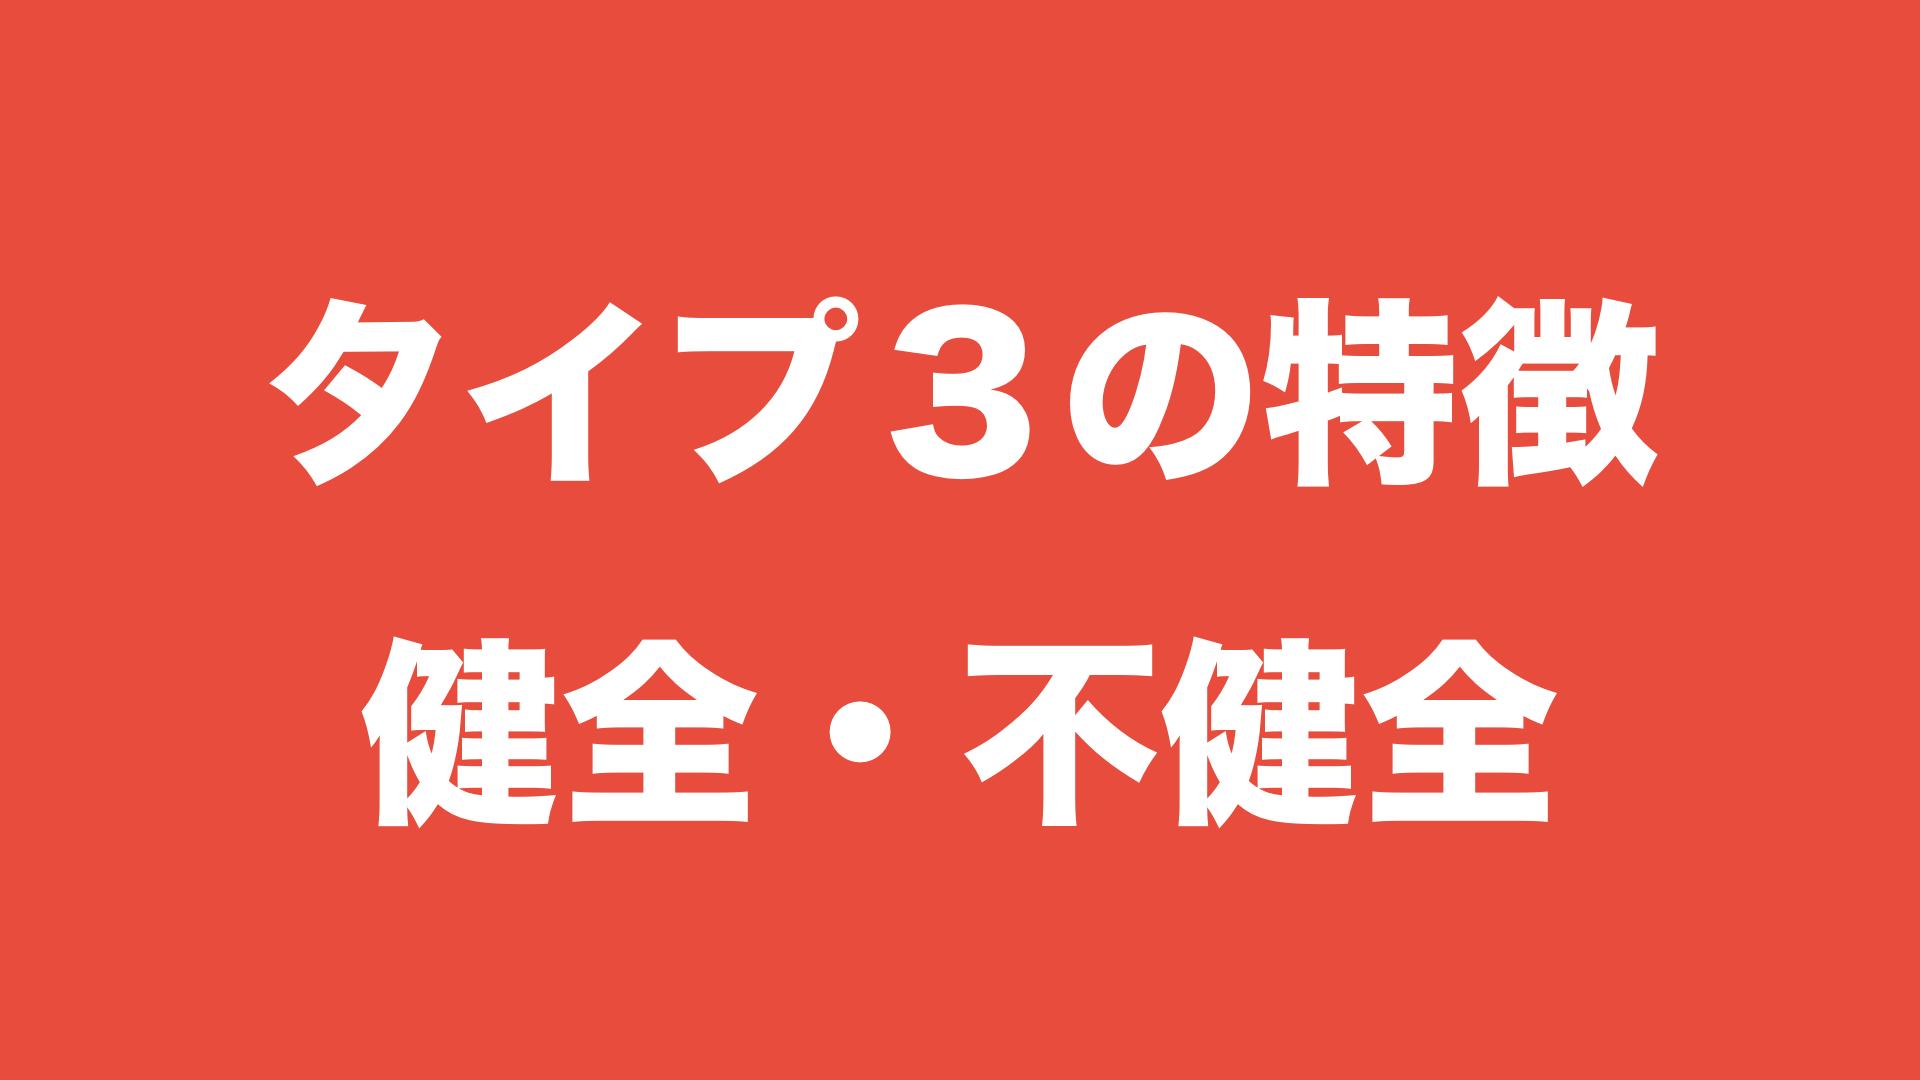 【エニアグラム】タイプ3の特徴と健全・不健全な行動